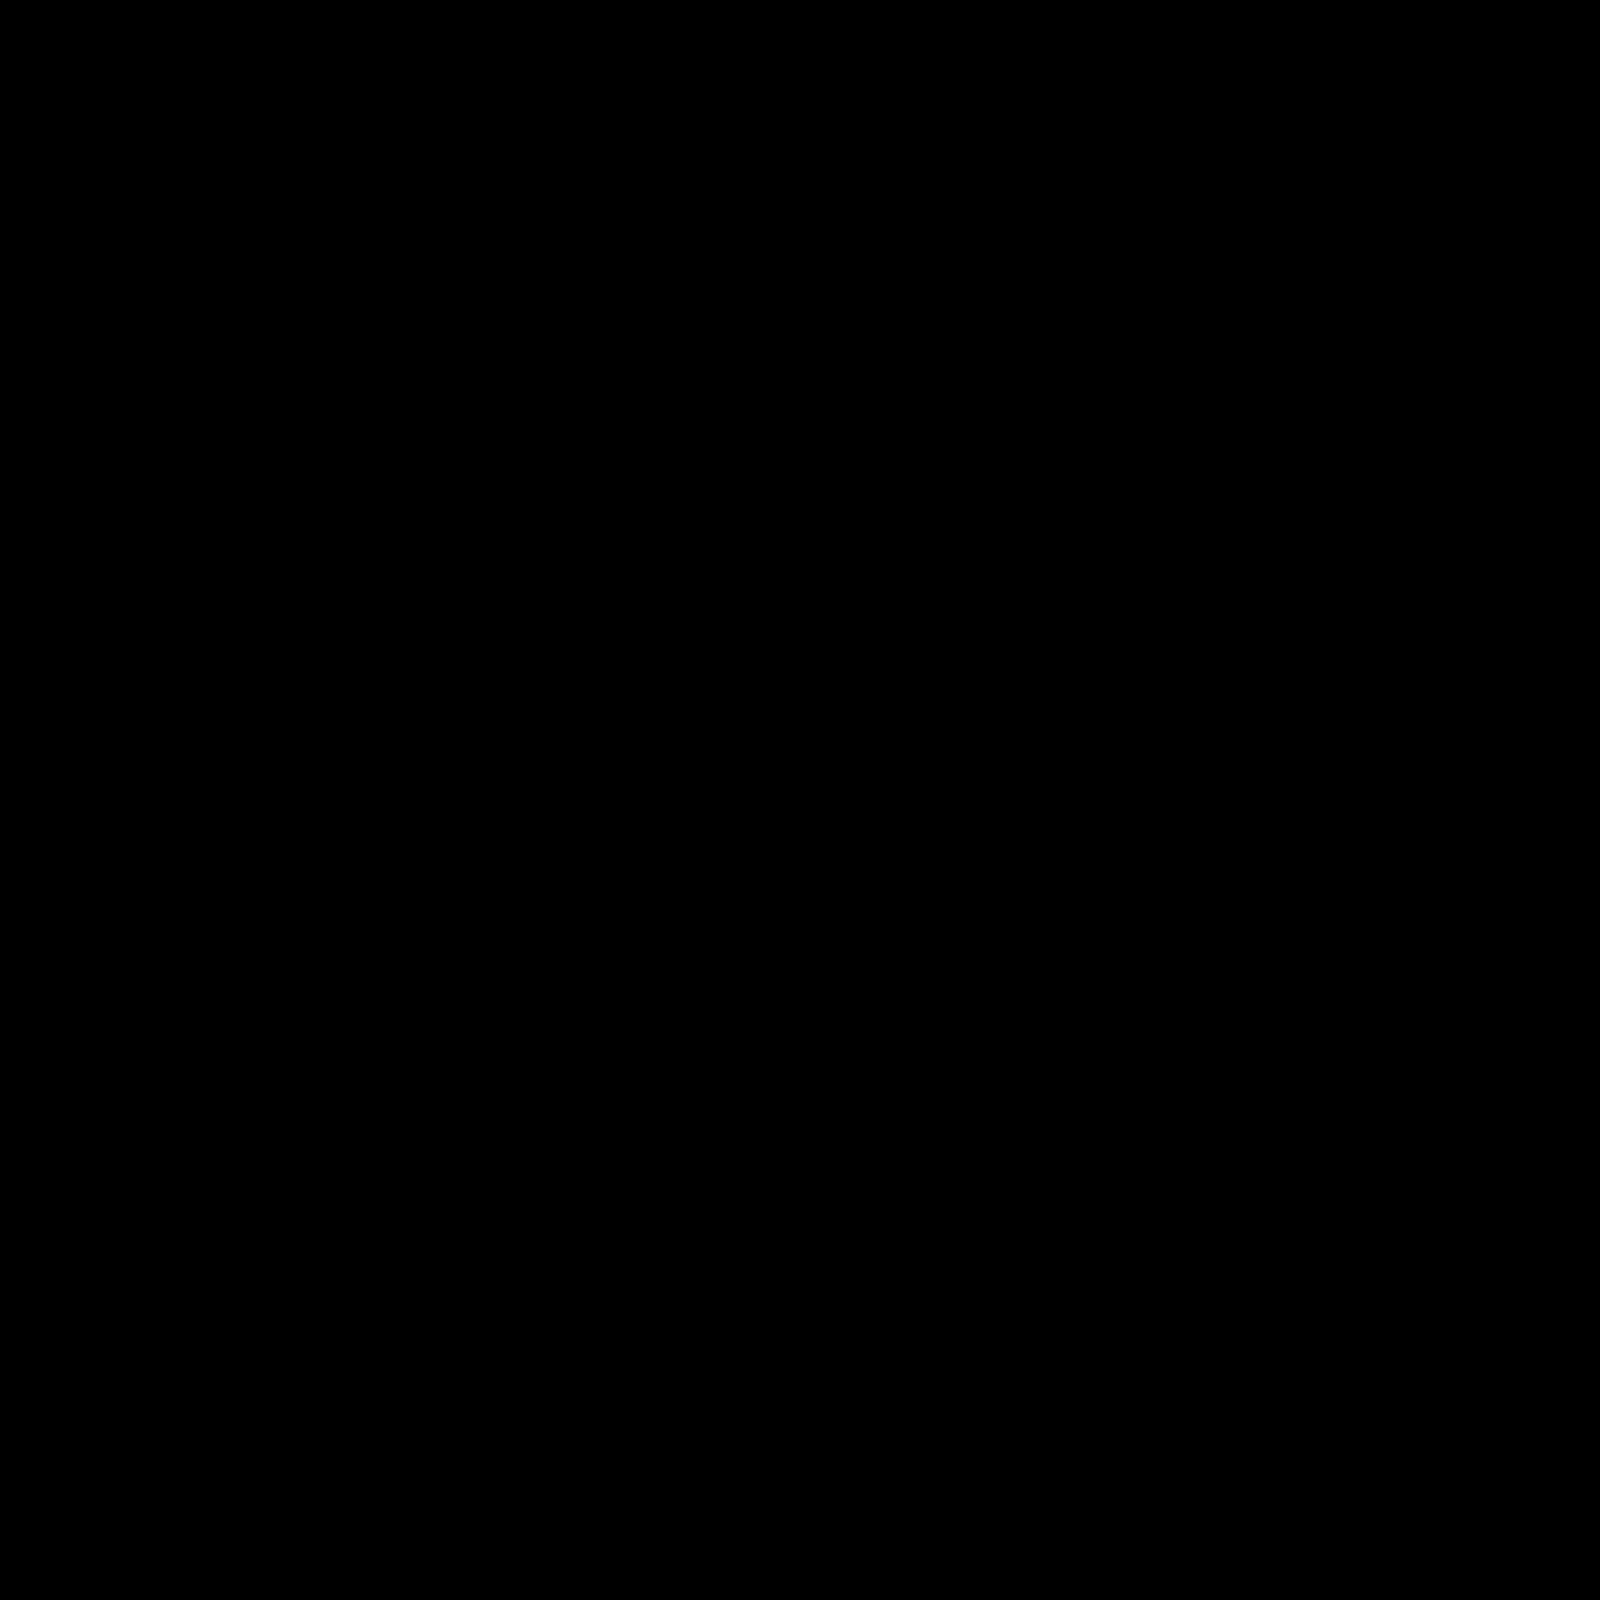 1600x1600 Checkmark Icon